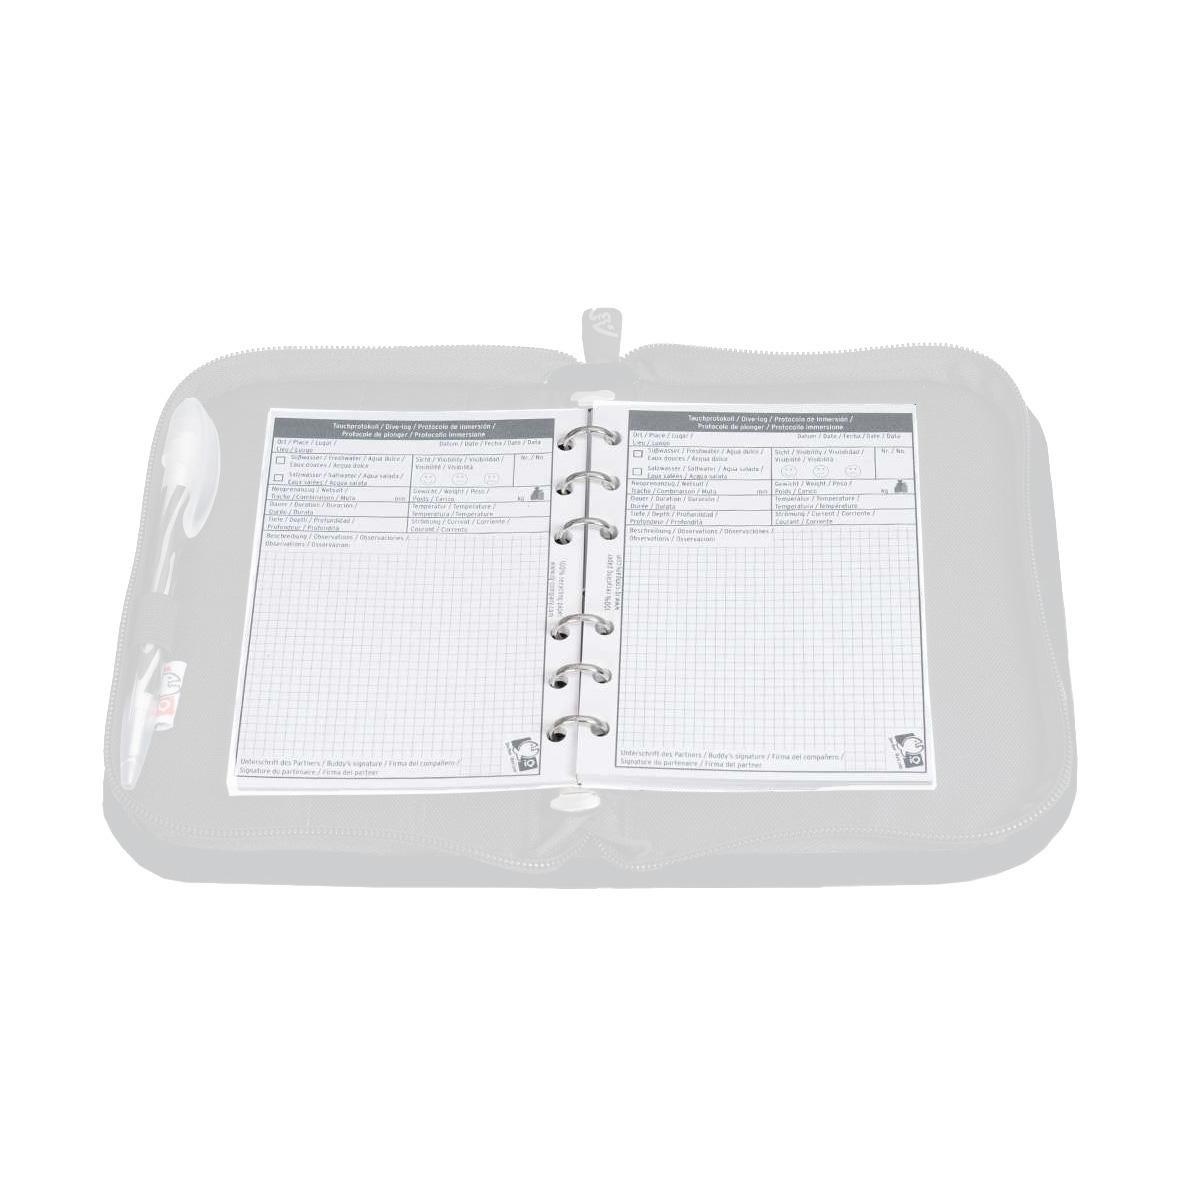 Taglia Unica Diario di Bordo Aziendale Refill XS Unisex-Adulto IQ-Company 4301253301-OS 1 Dive per Page